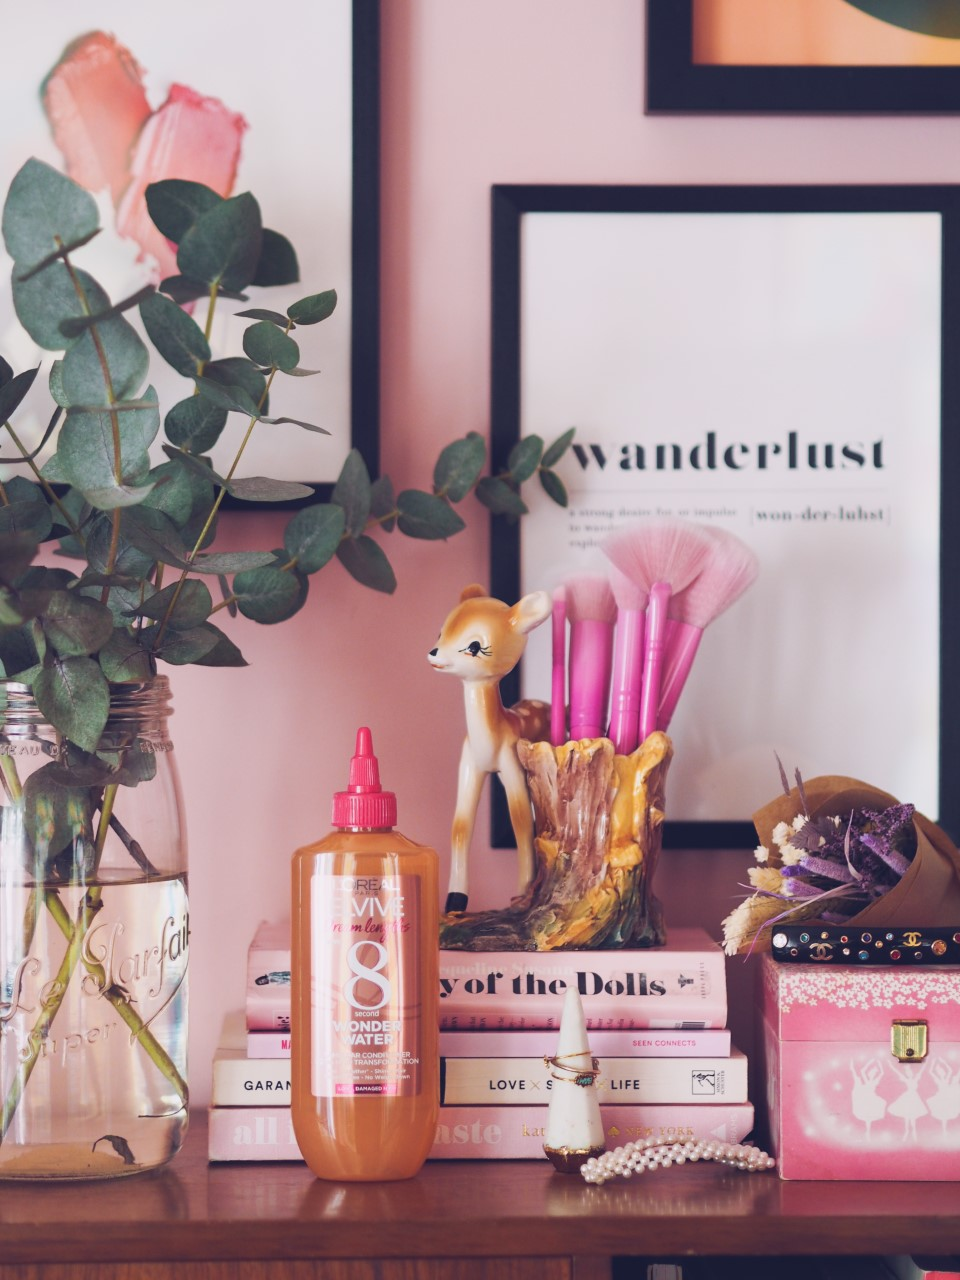 L'Oréal Elvive 8 Second Wonder Water Review 1